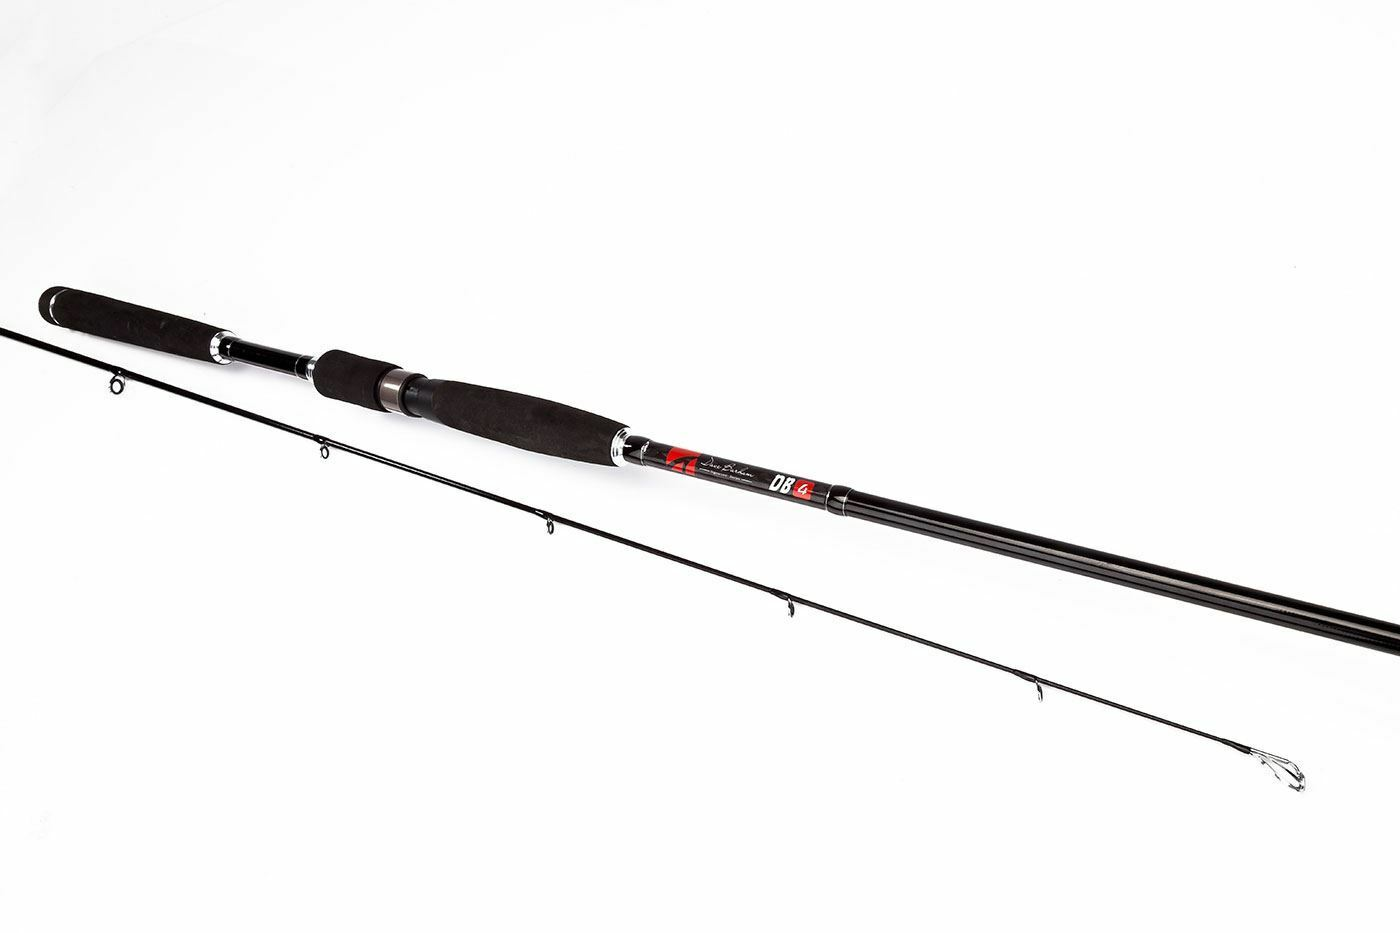 Dave Barham DB4 Bait 9' 10-40g Fishing Pole